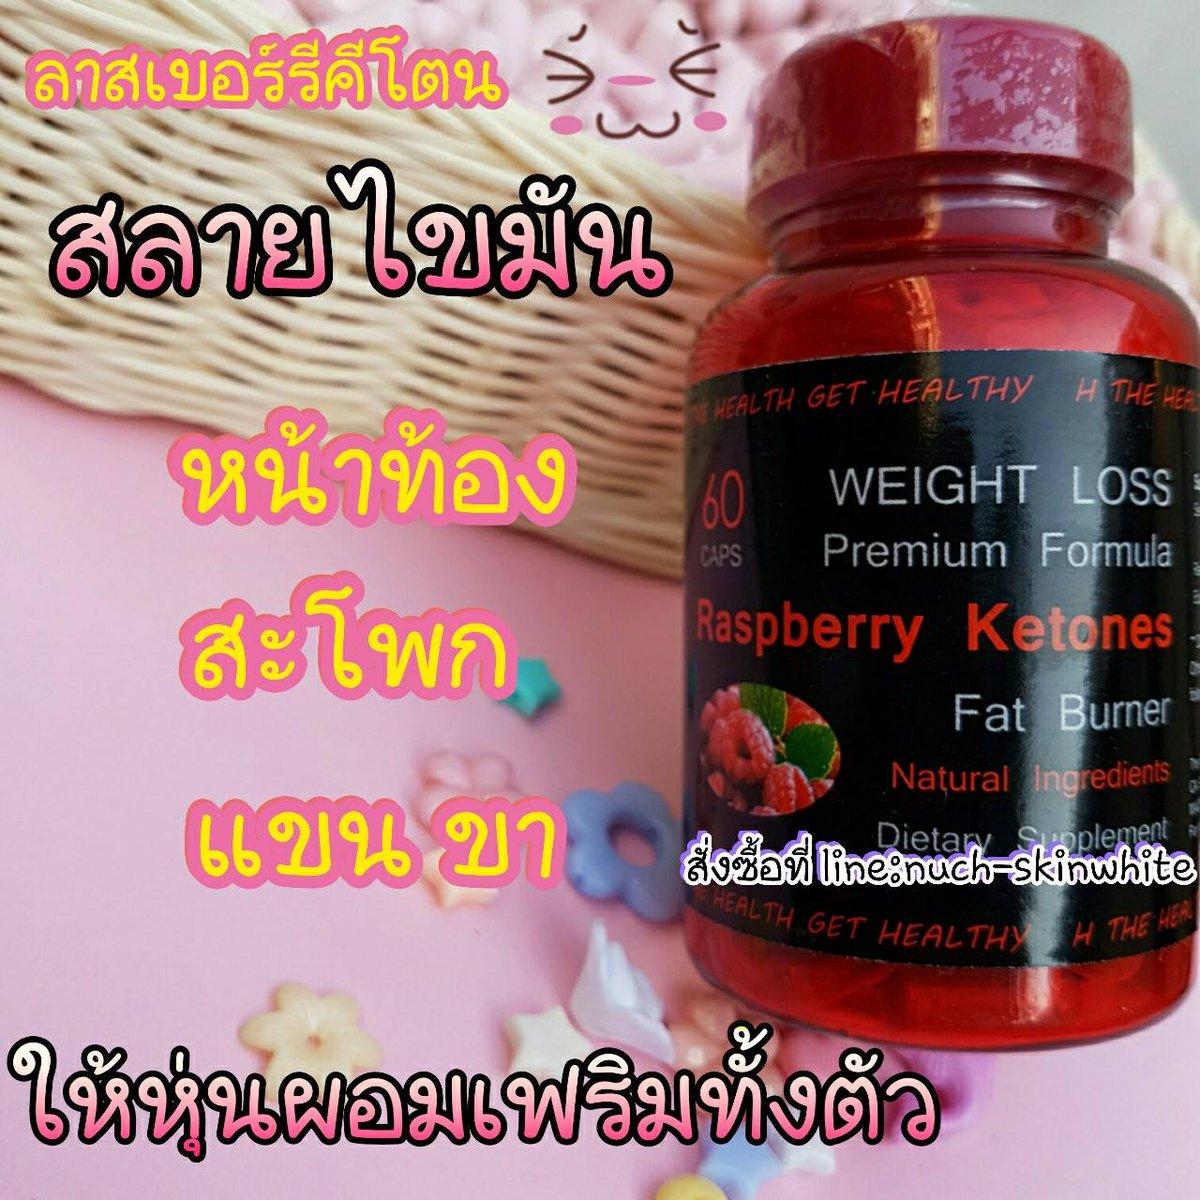 ยาคีโตนราสเบอร์รี่สำหรับการลดน้ำหนัก